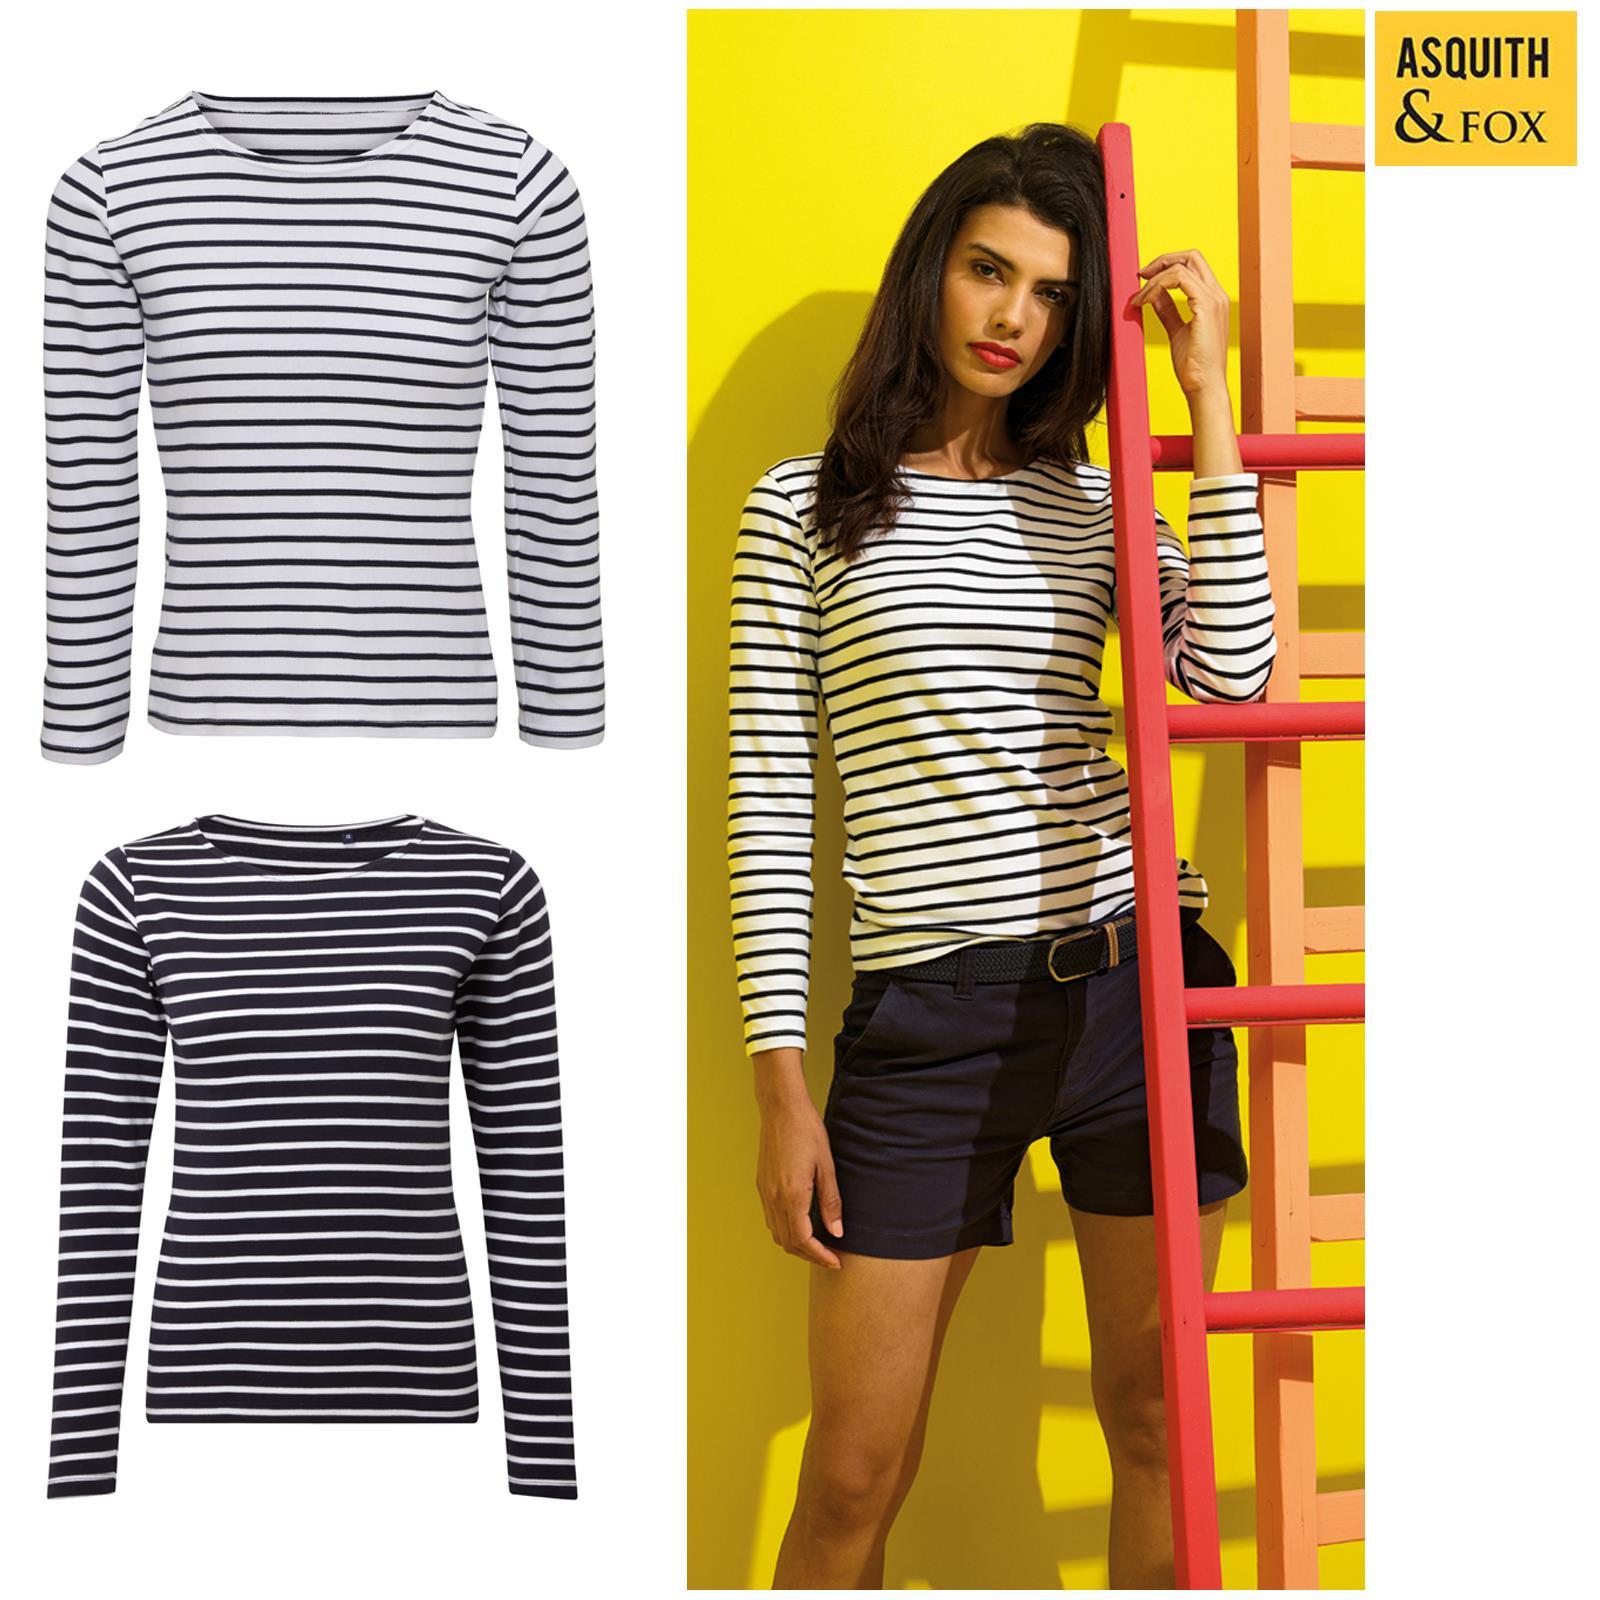 Asquith & Fox Women's Mariniere Coastal Long Sleeve Tee - Striped Cotton T-shirt Durch Wissenschaftlichen Prozess